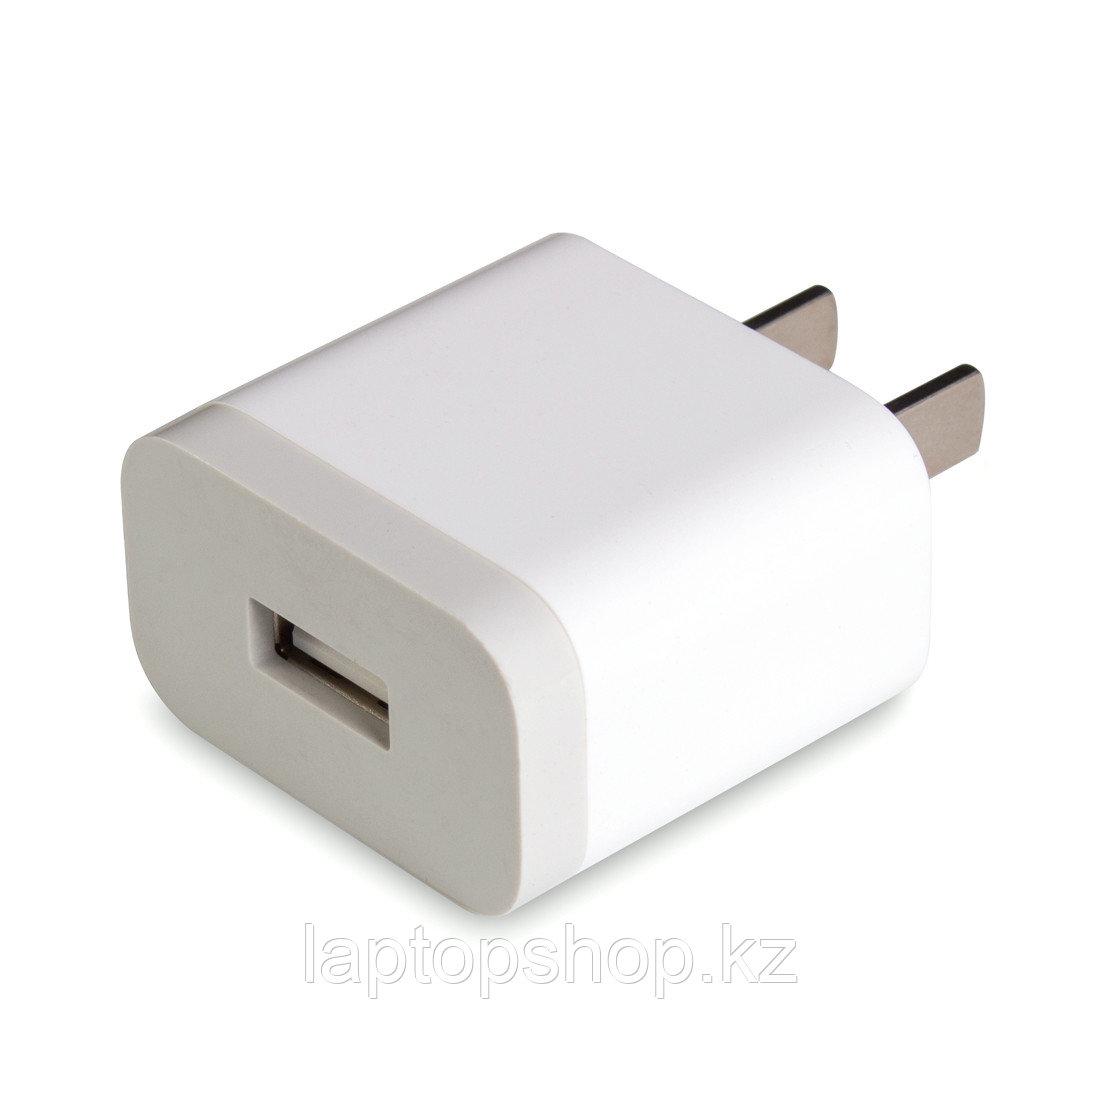 Универсальное USB зарядное устройство Xiaomi MDY-08-EVZ